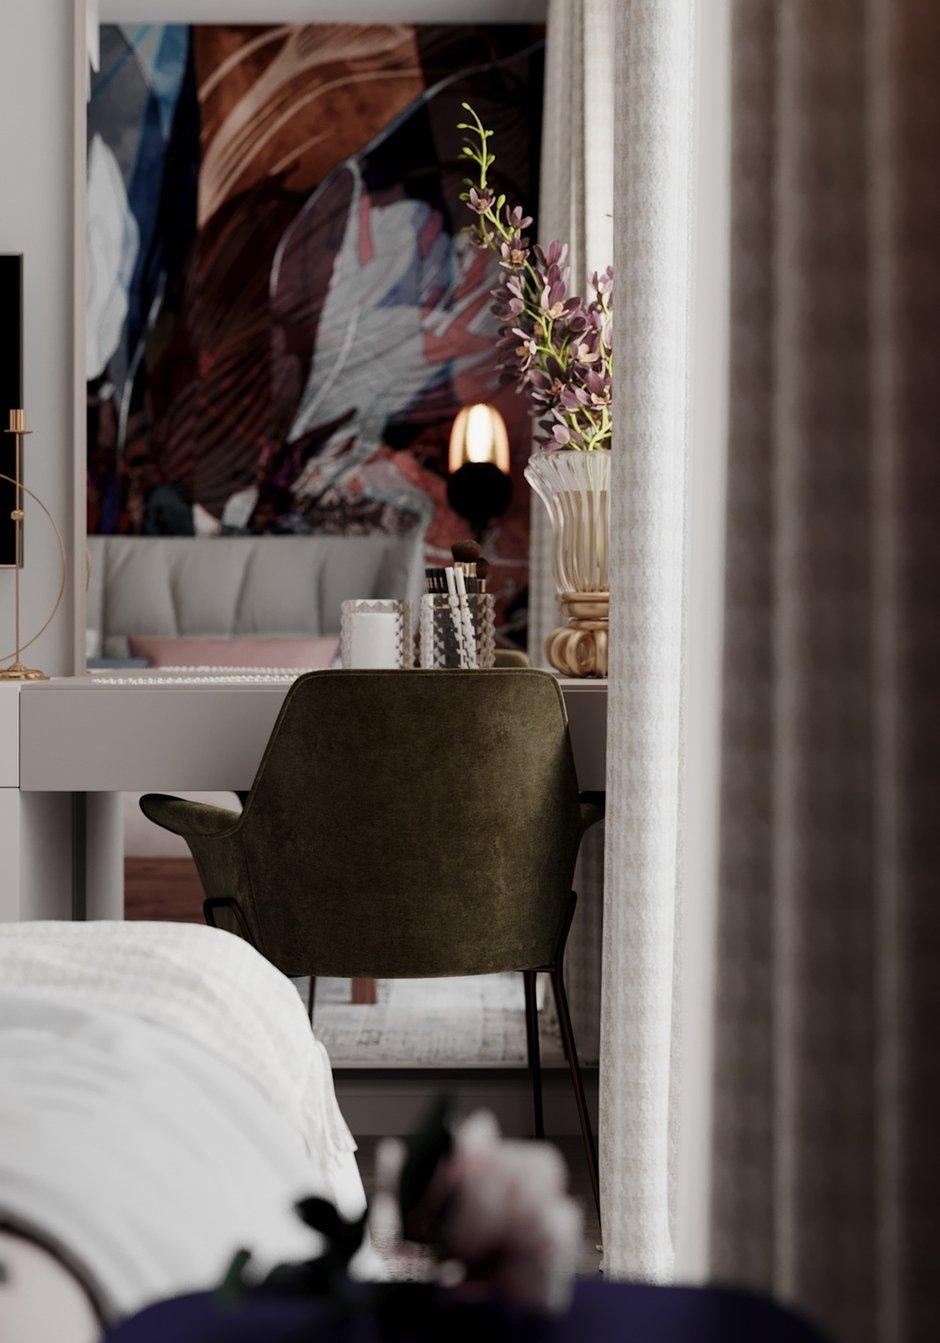 Фотография: Спальня в стиле Современный, Эклектика, Квартира, Проект недели, Монолитный дом, 3 комнаты, 60-90 метров, Светлана Удзилаури, Брянск – фото на INMYROOM